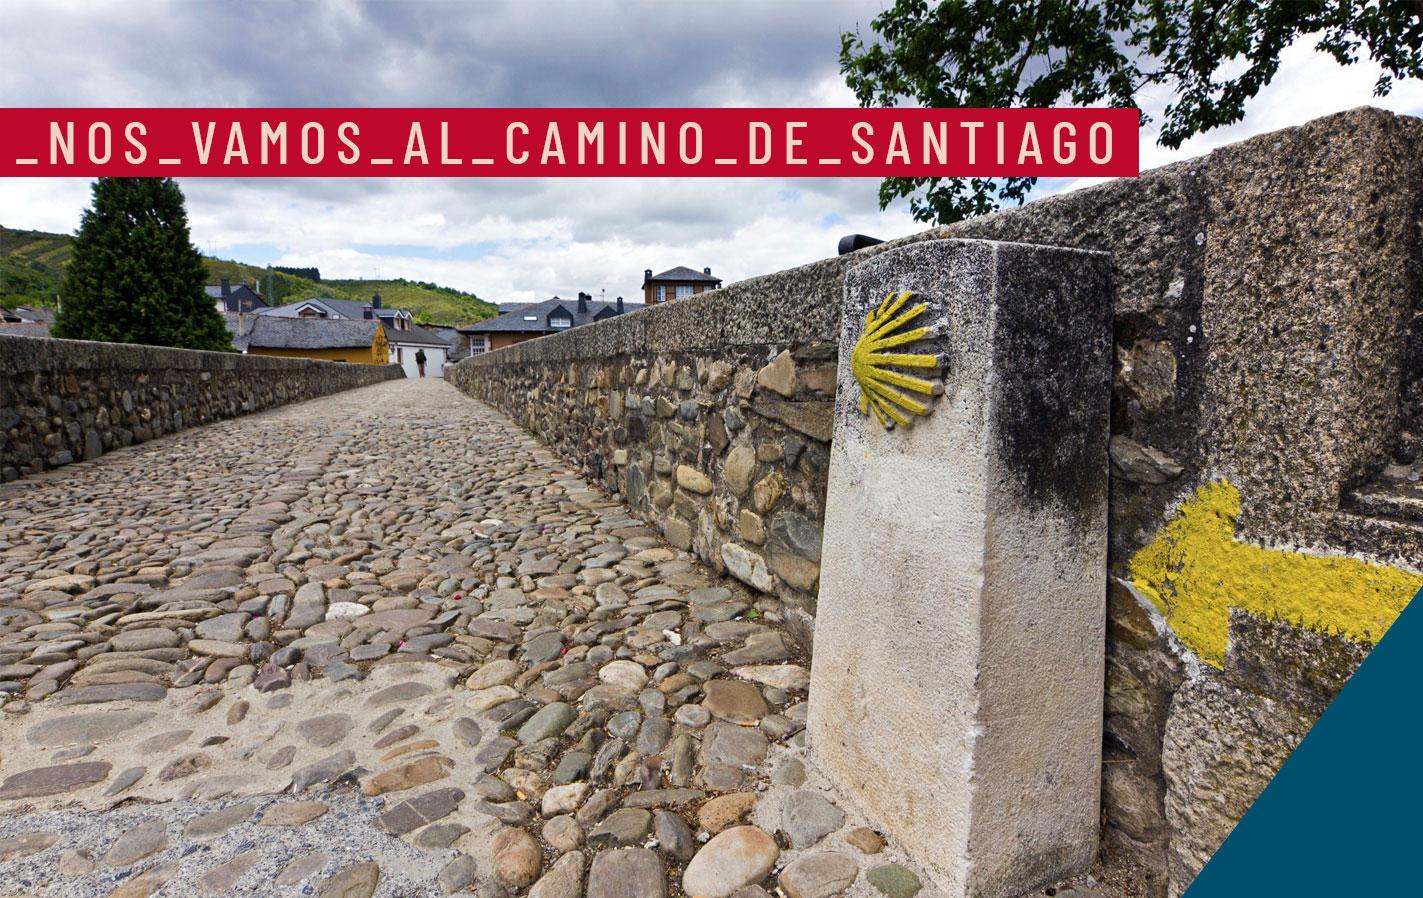 d8b0862796 Calzado recomendado para el Camino de Santiago